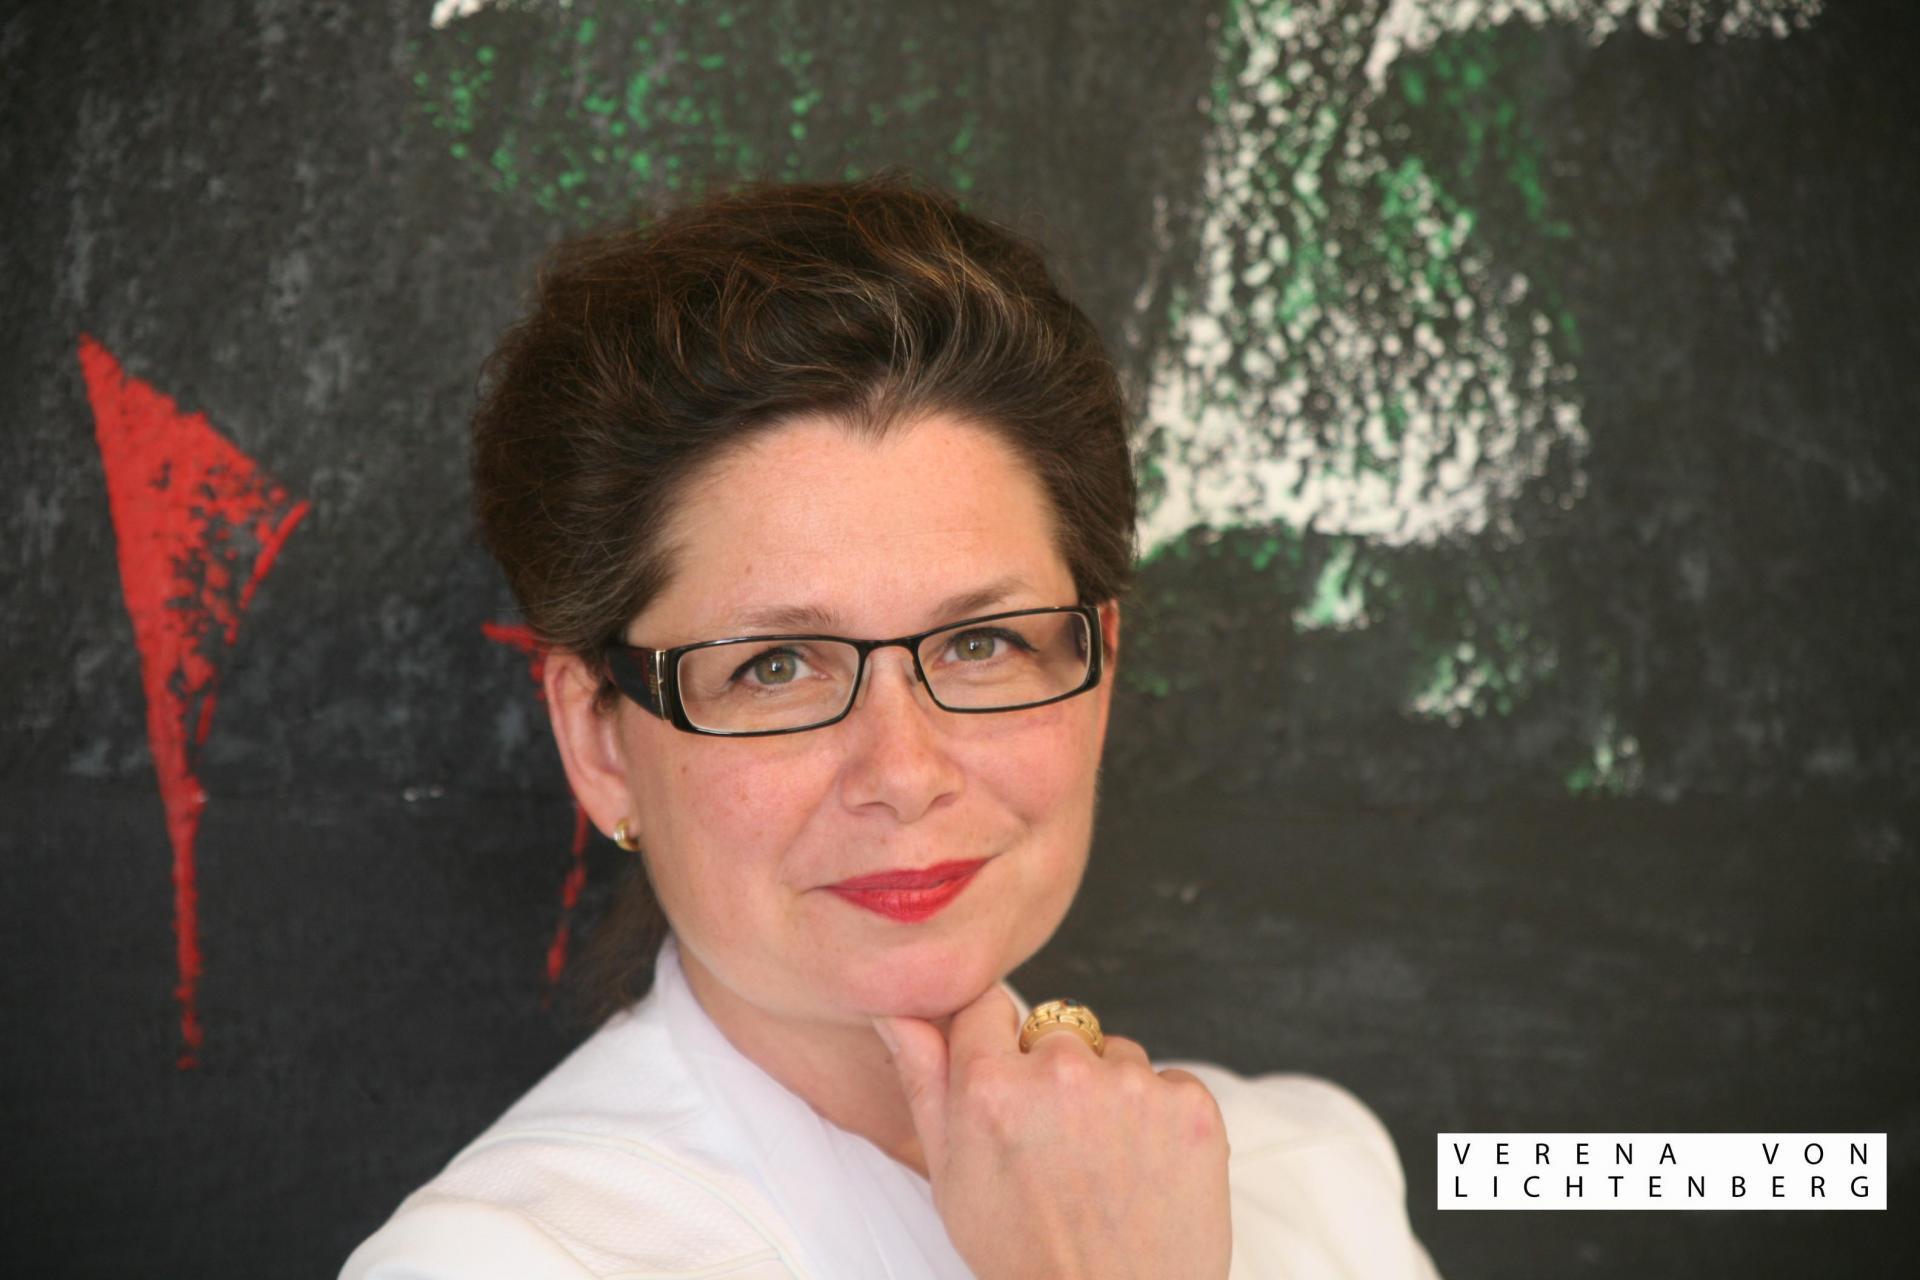 L exposition d art de l artiste peintre verena von lichtenberg est a tokyo des tableaux et oeuvres d art en galeries et en musees